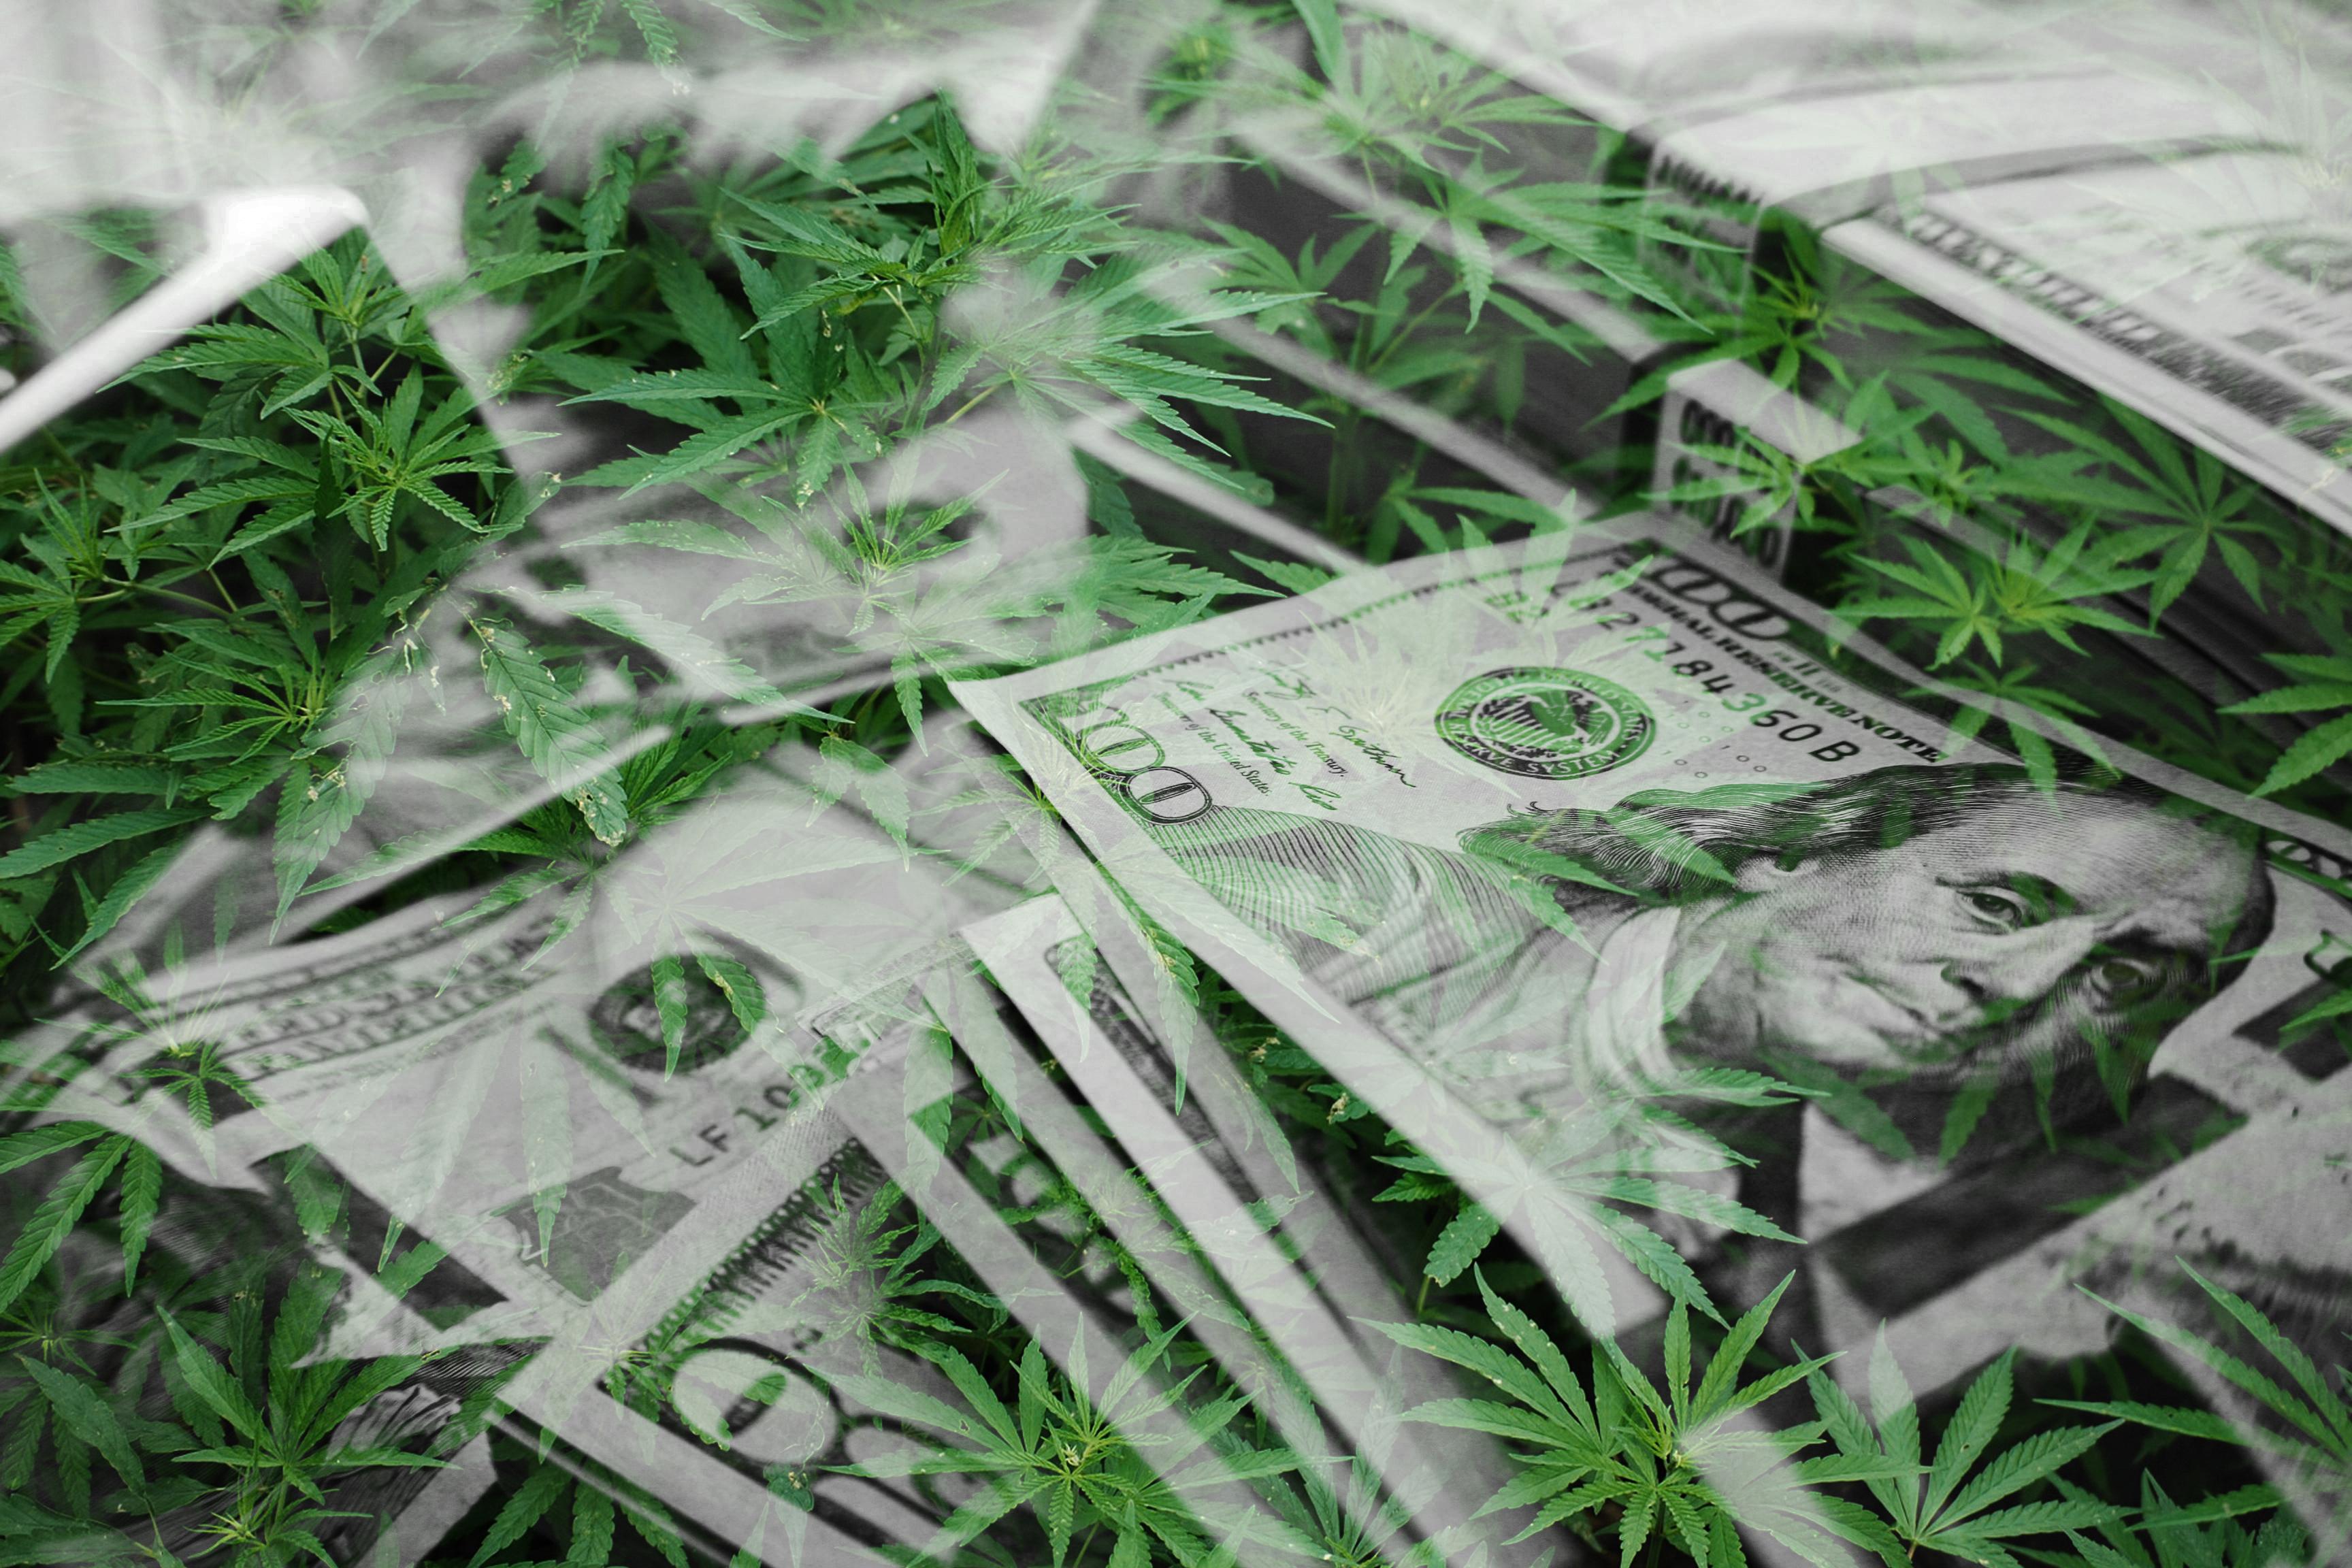 Marijuana surrounded by $100 bills.